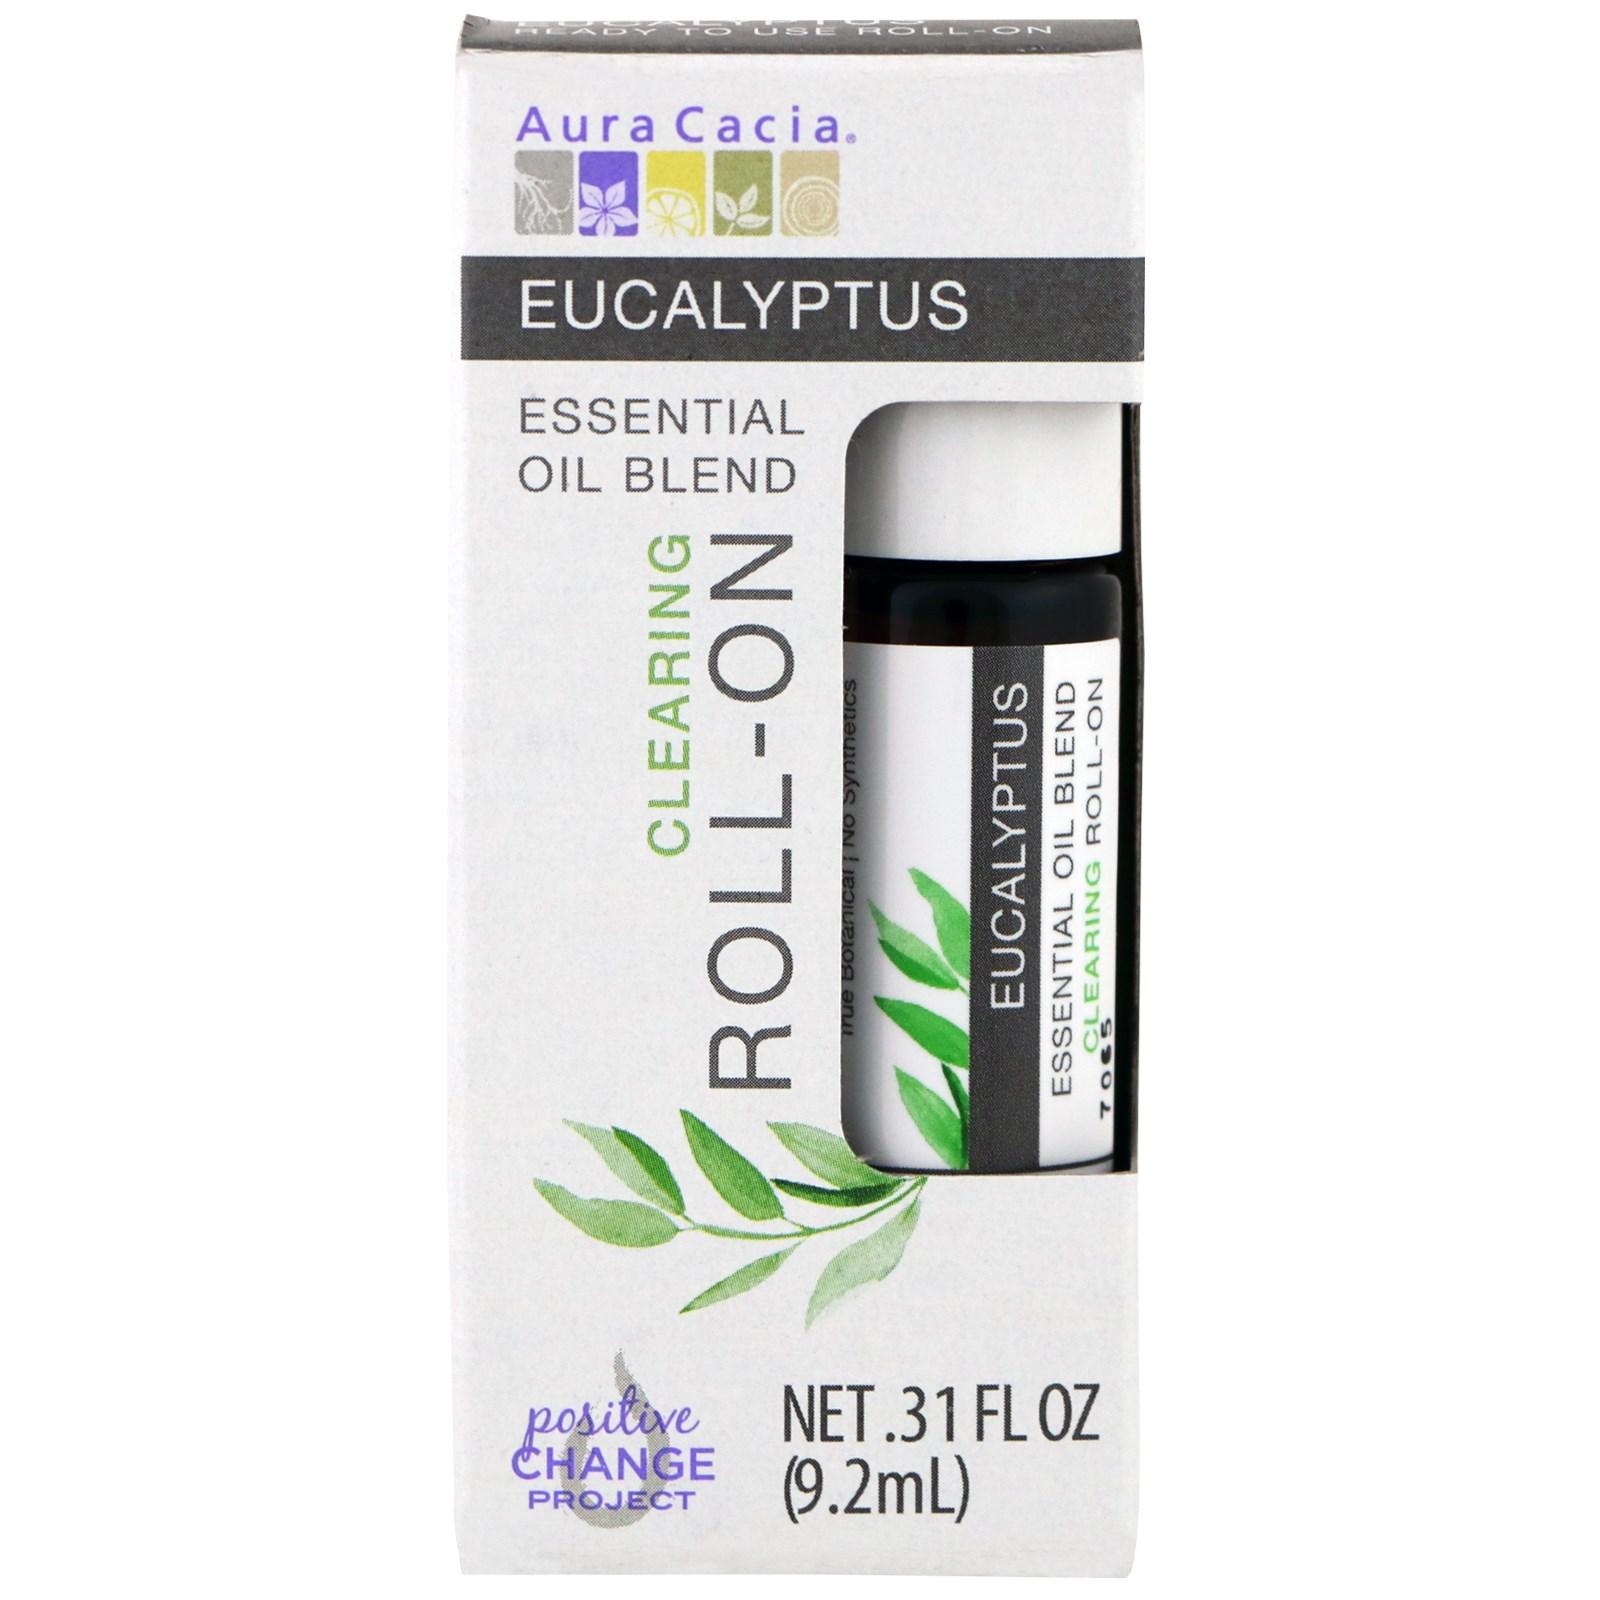 Aura Cacia, Смесь эфирного масла, очищающий роликовый аппликатор, эвкалипт, 0,31 жидкие унции (9,2 мл)